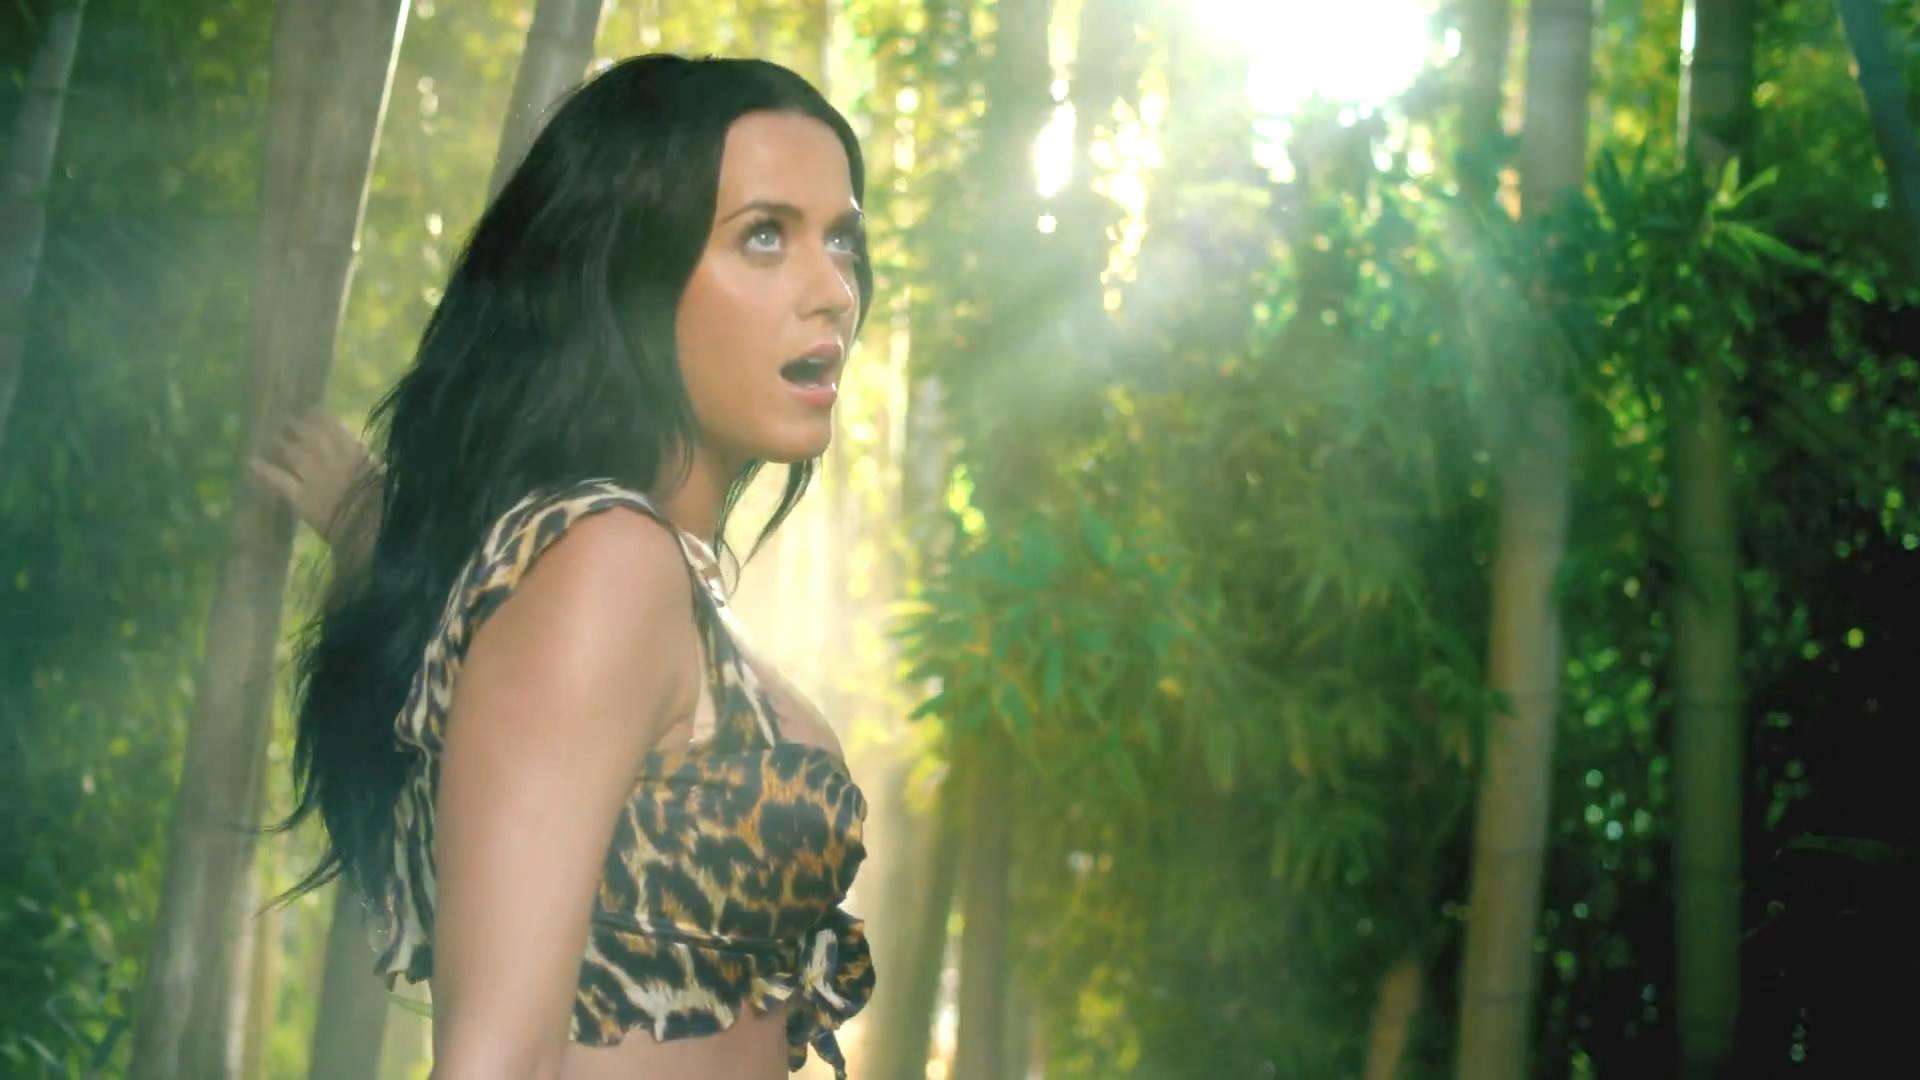 Смотреть русские клип в джунглях певица — pic 8